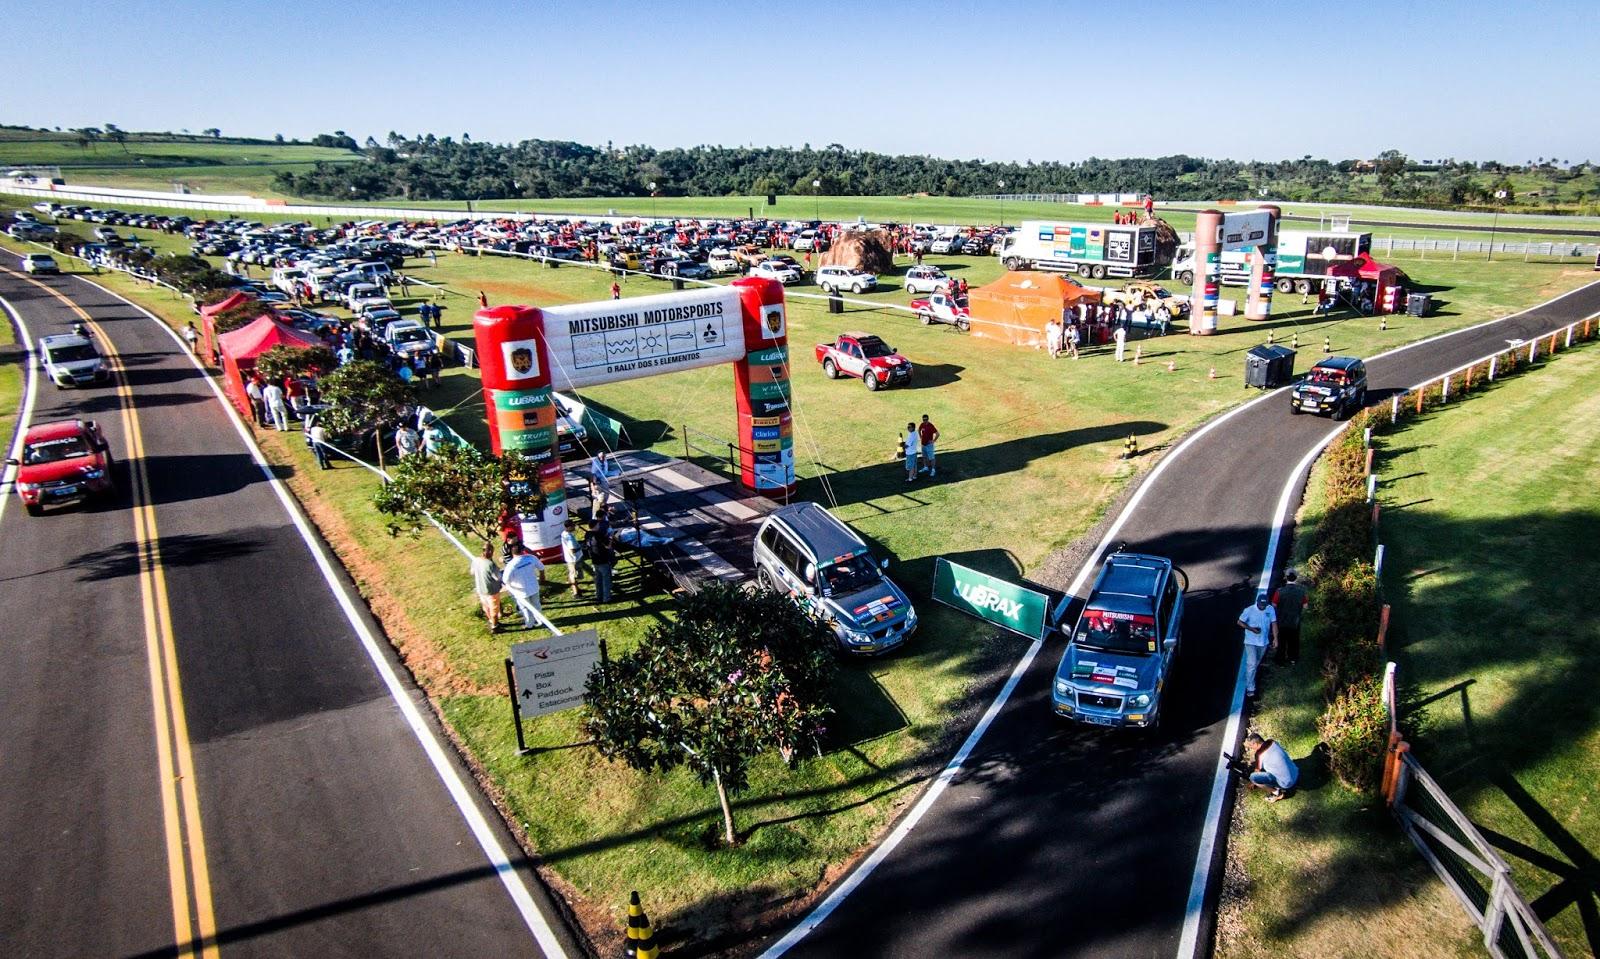 Autódromo Velo Città recebe três eventos off-road simultâneos no dia 1º de  abril f0d8f8f6df529